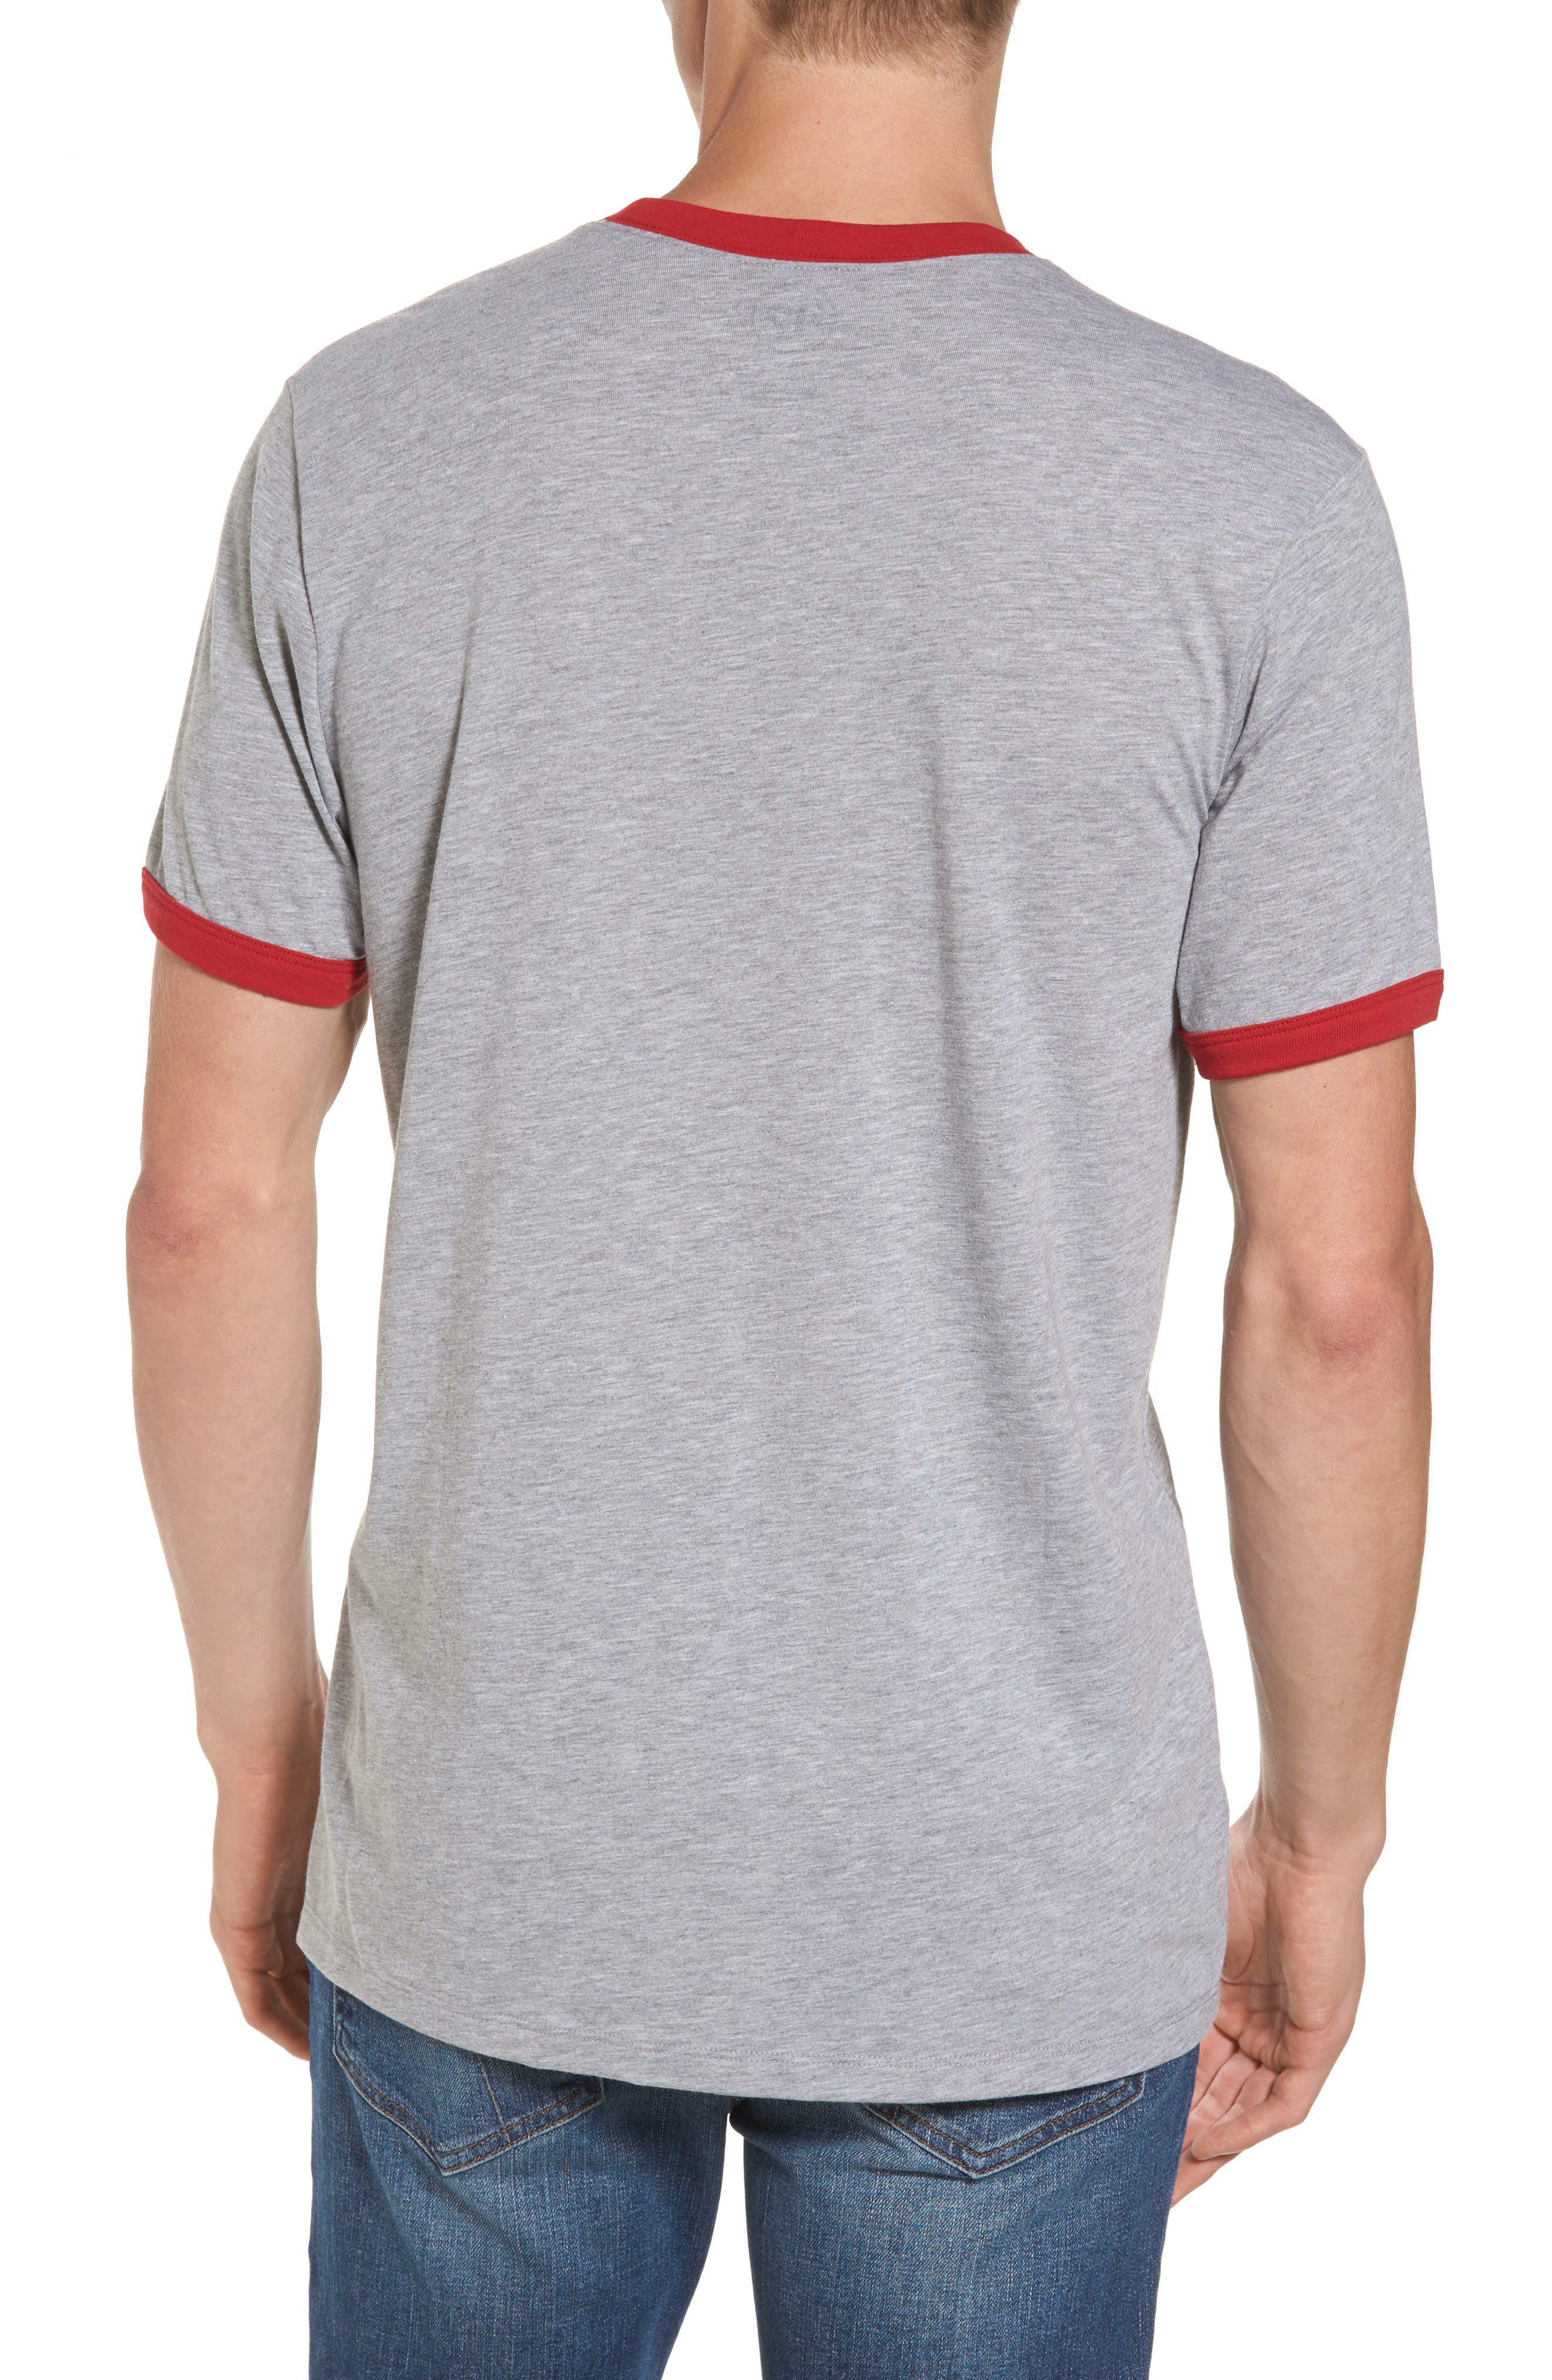 Ohio State Buckeyes Ringer T-Shirt,                             Alternate thumbnail 2, color,                             020